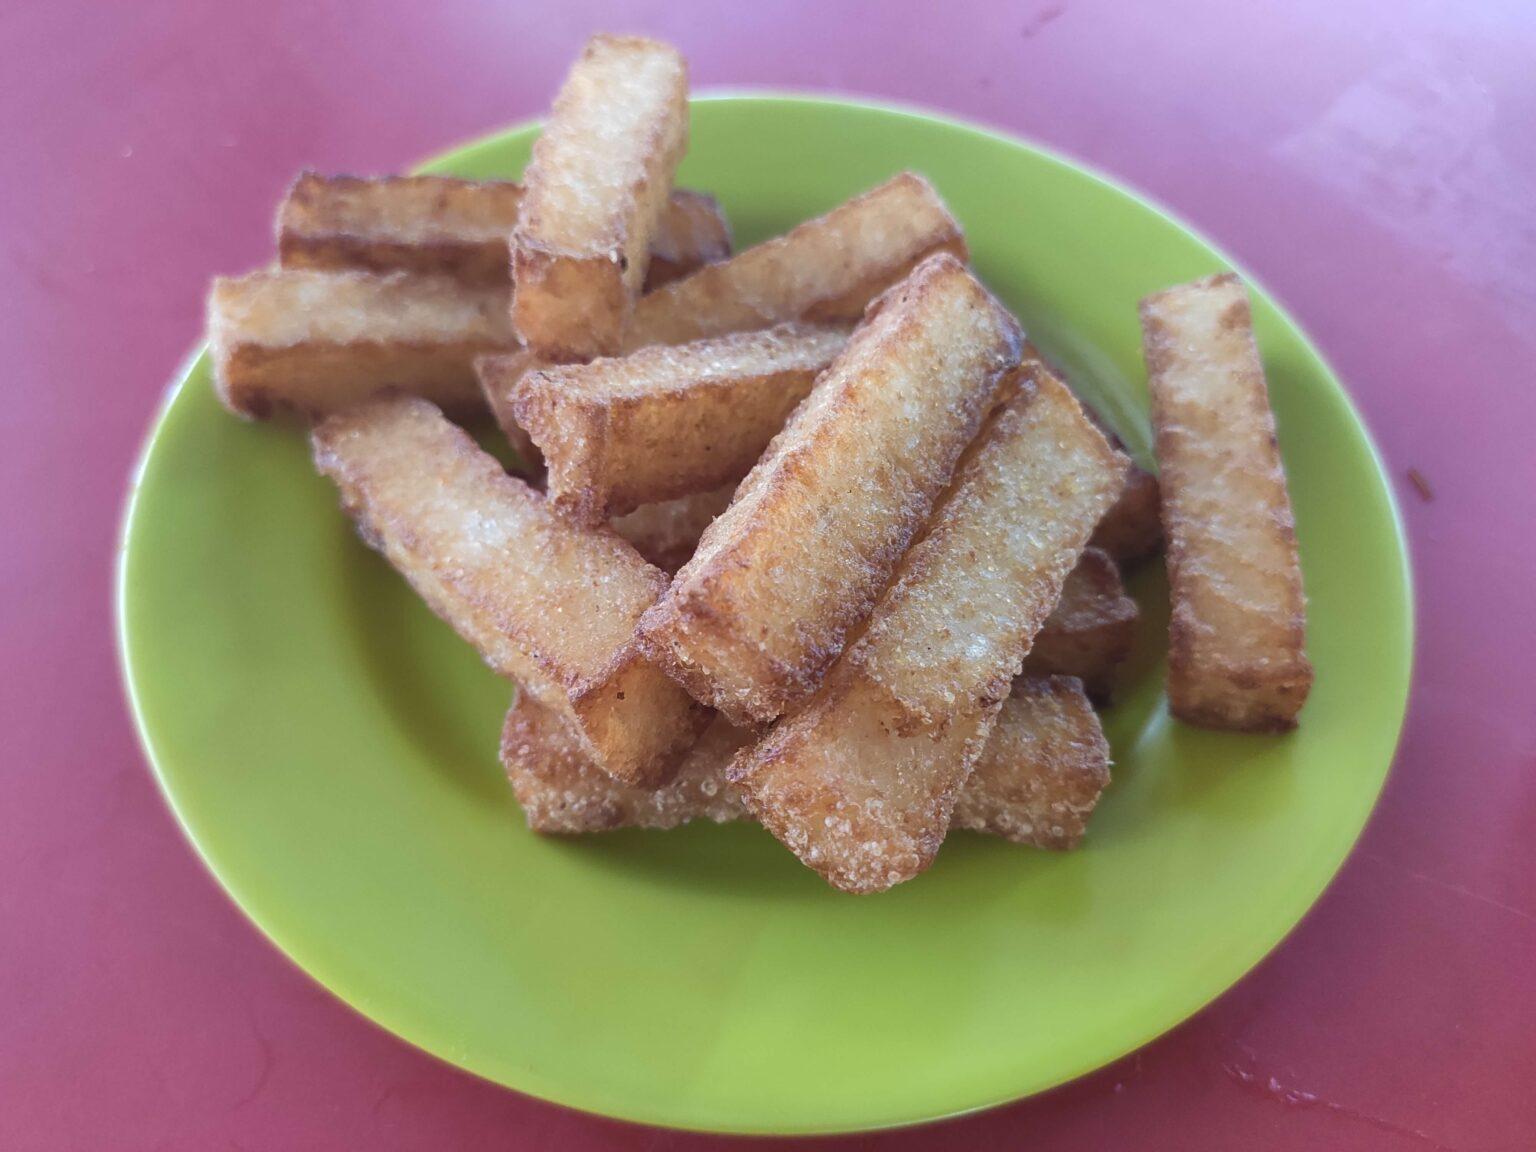 Review: Fu Yuan Vegetarian Fried Carrot Cake (Singapore)